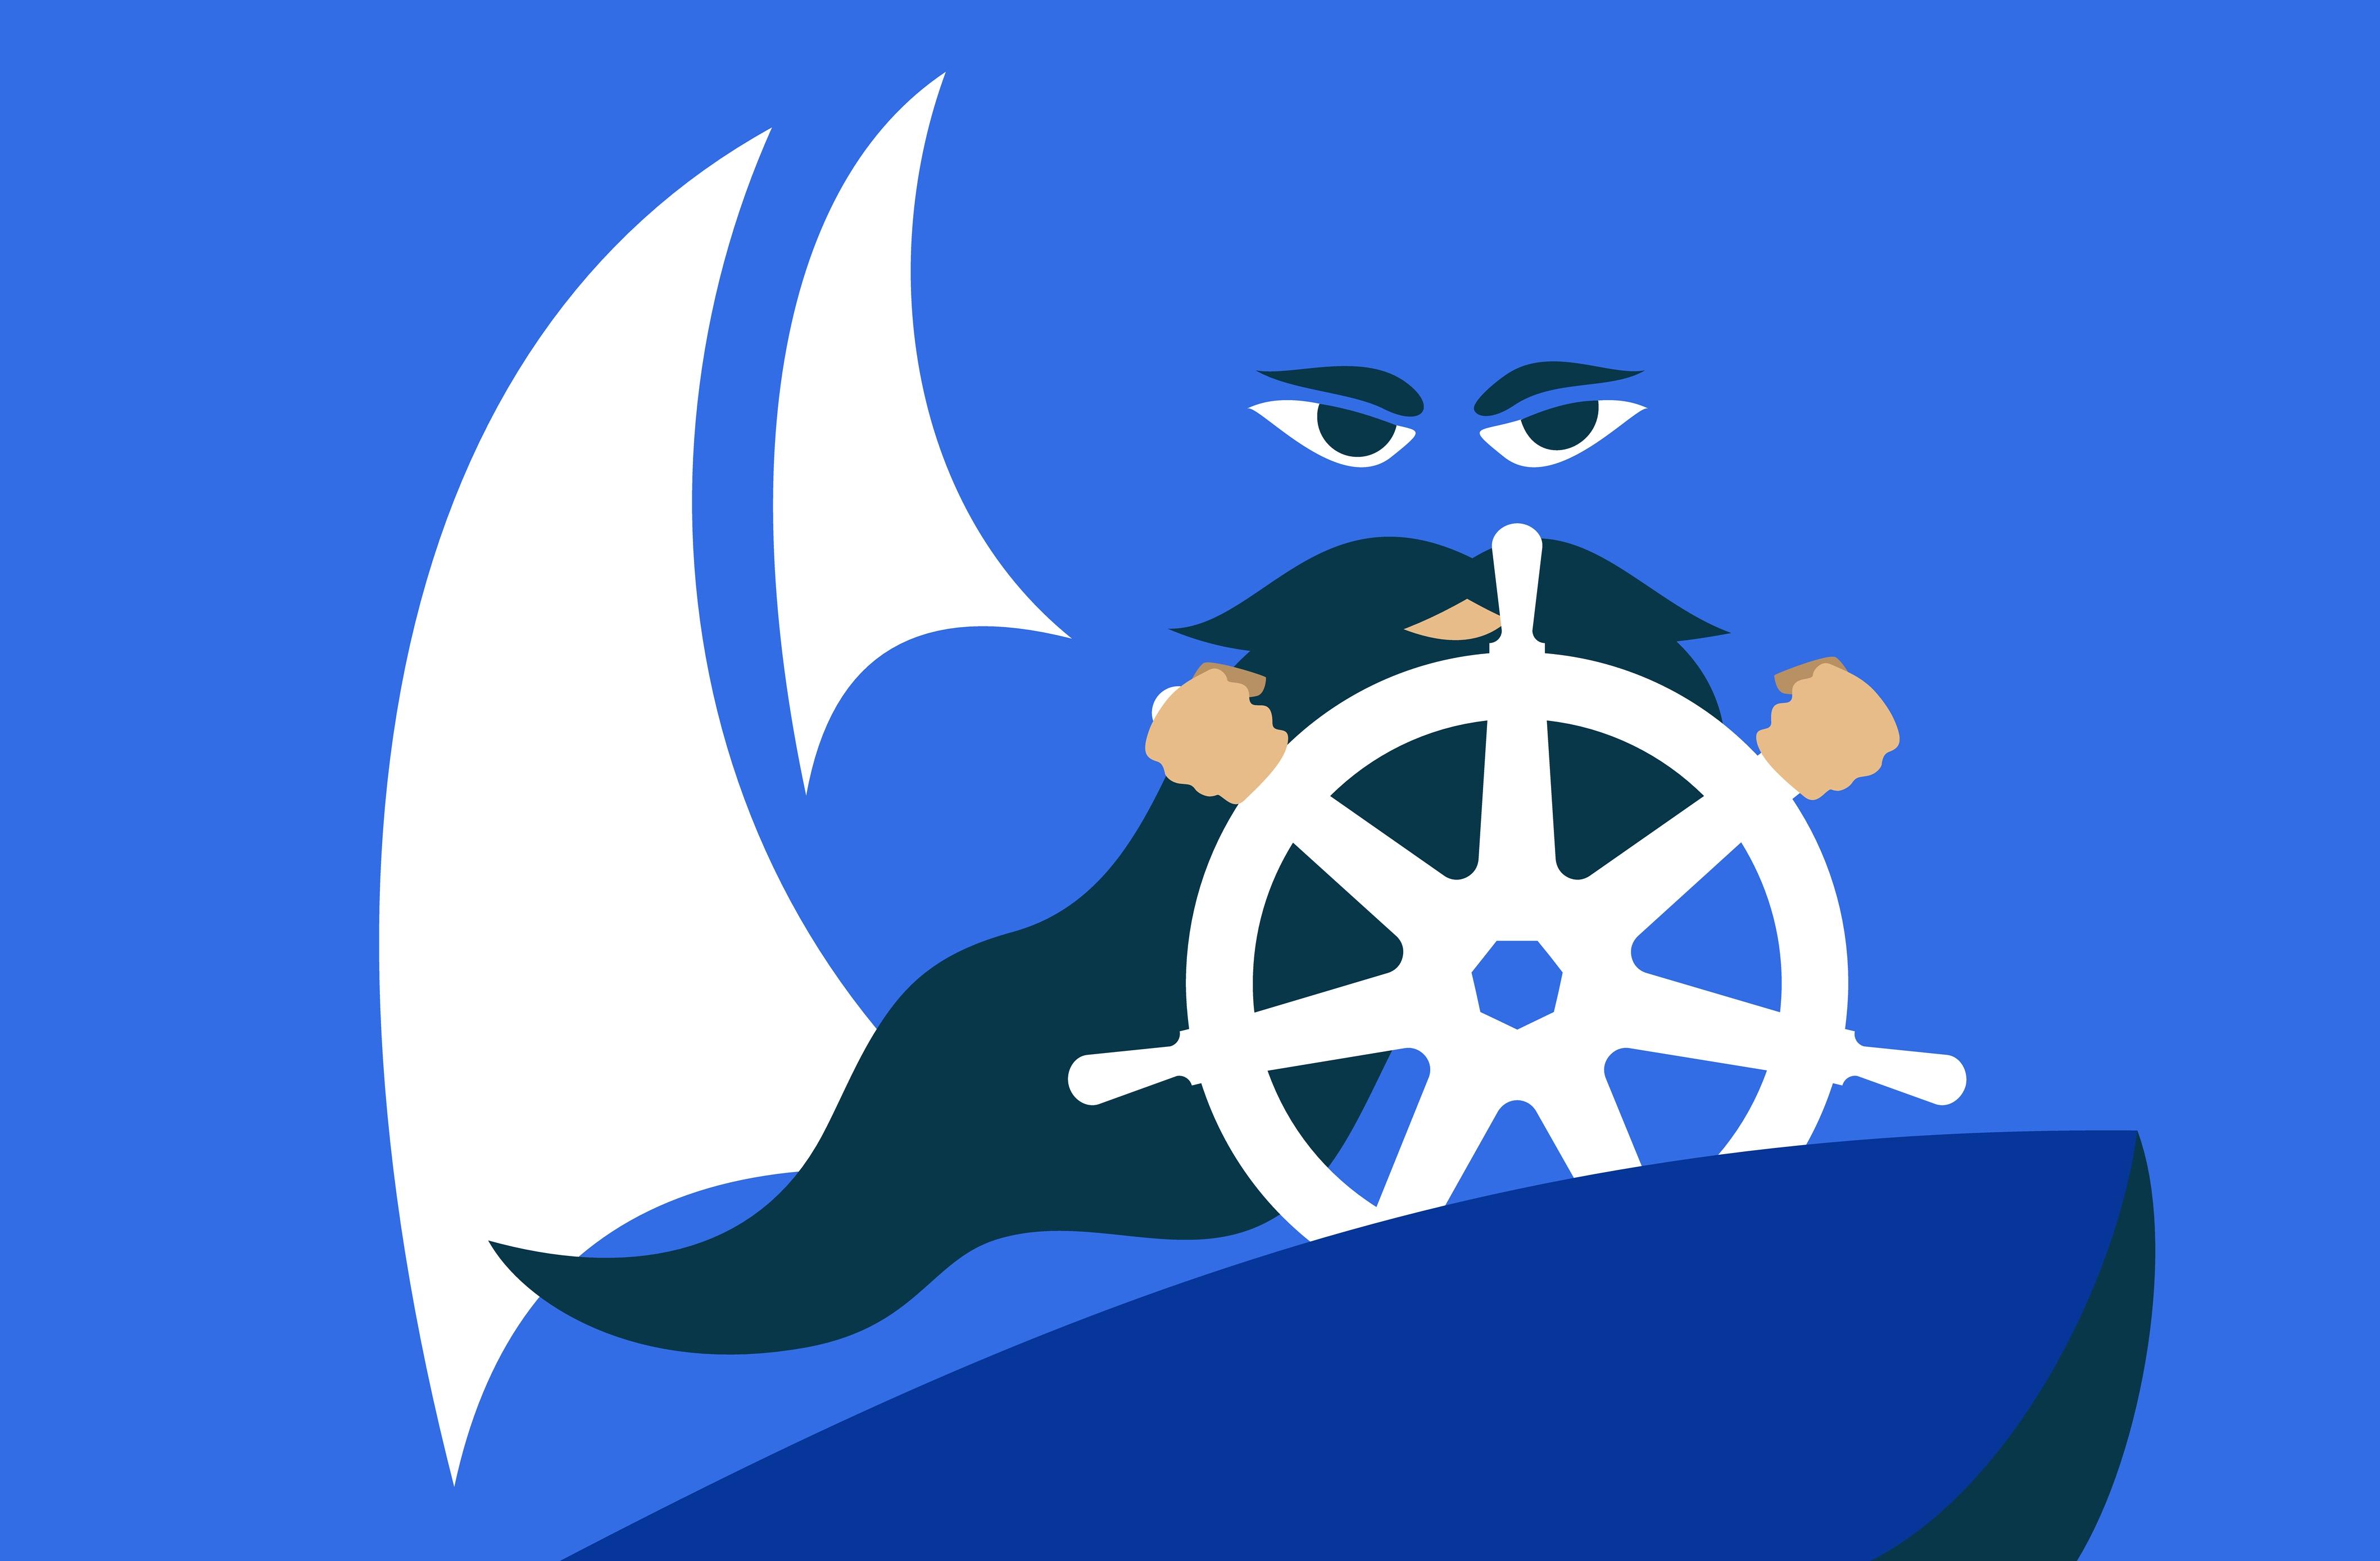 Gráfico vectorial de un desarrollador barbudo que usa el logotipo de Kubernetes como rueda en un bote